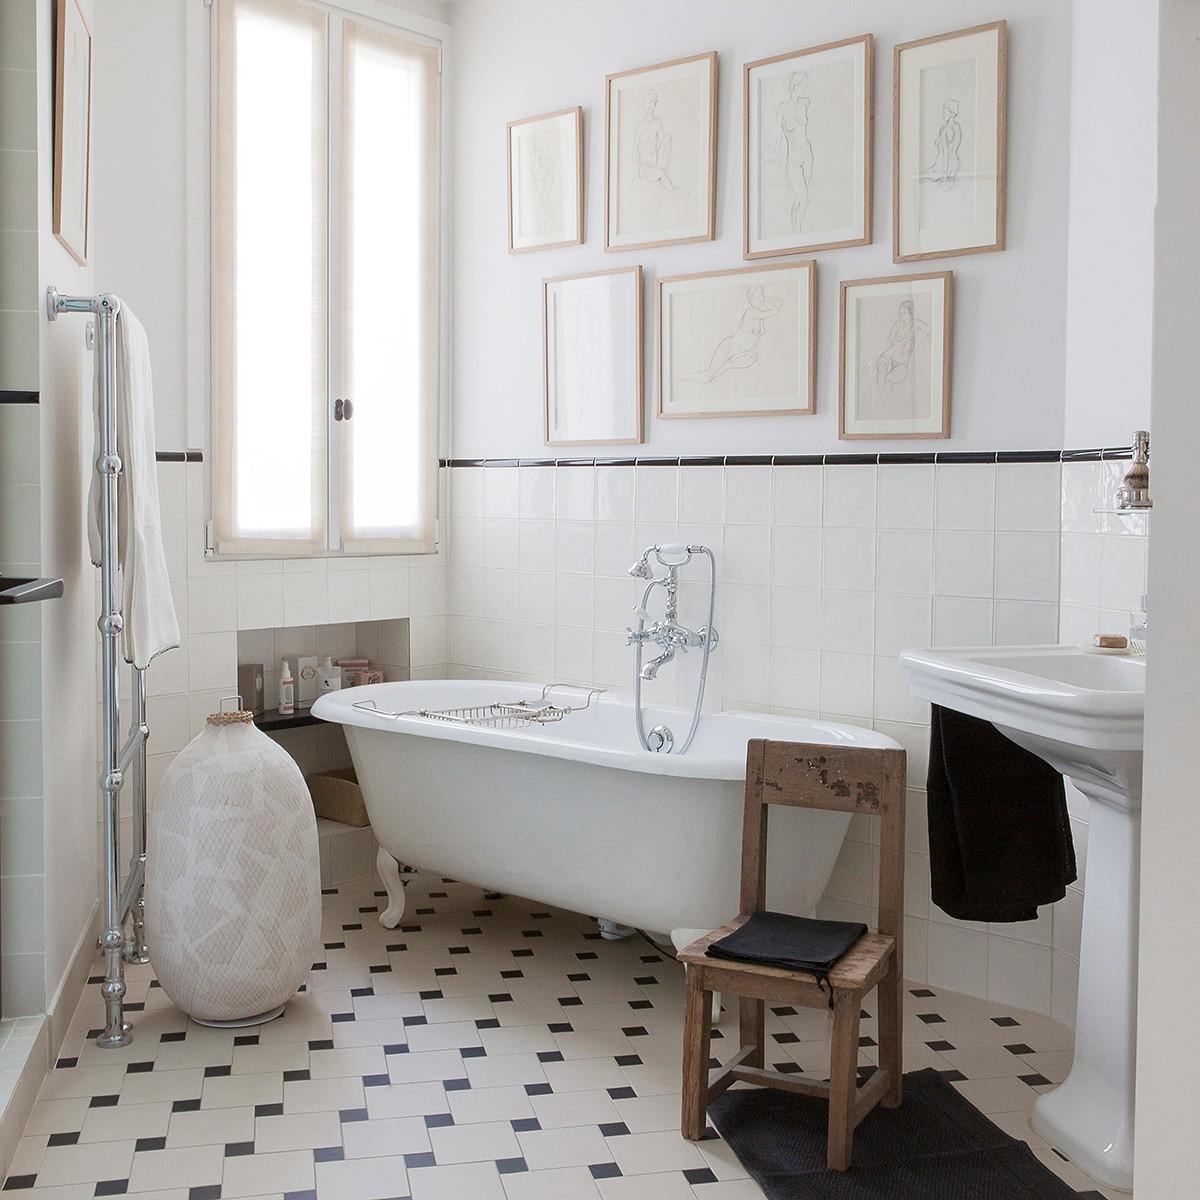 Badezimmer Schwarz Und Weiss Bild 6 In 2020 Grosse Badezimmer Badezimmer Schwarz Badewanne Dekoration